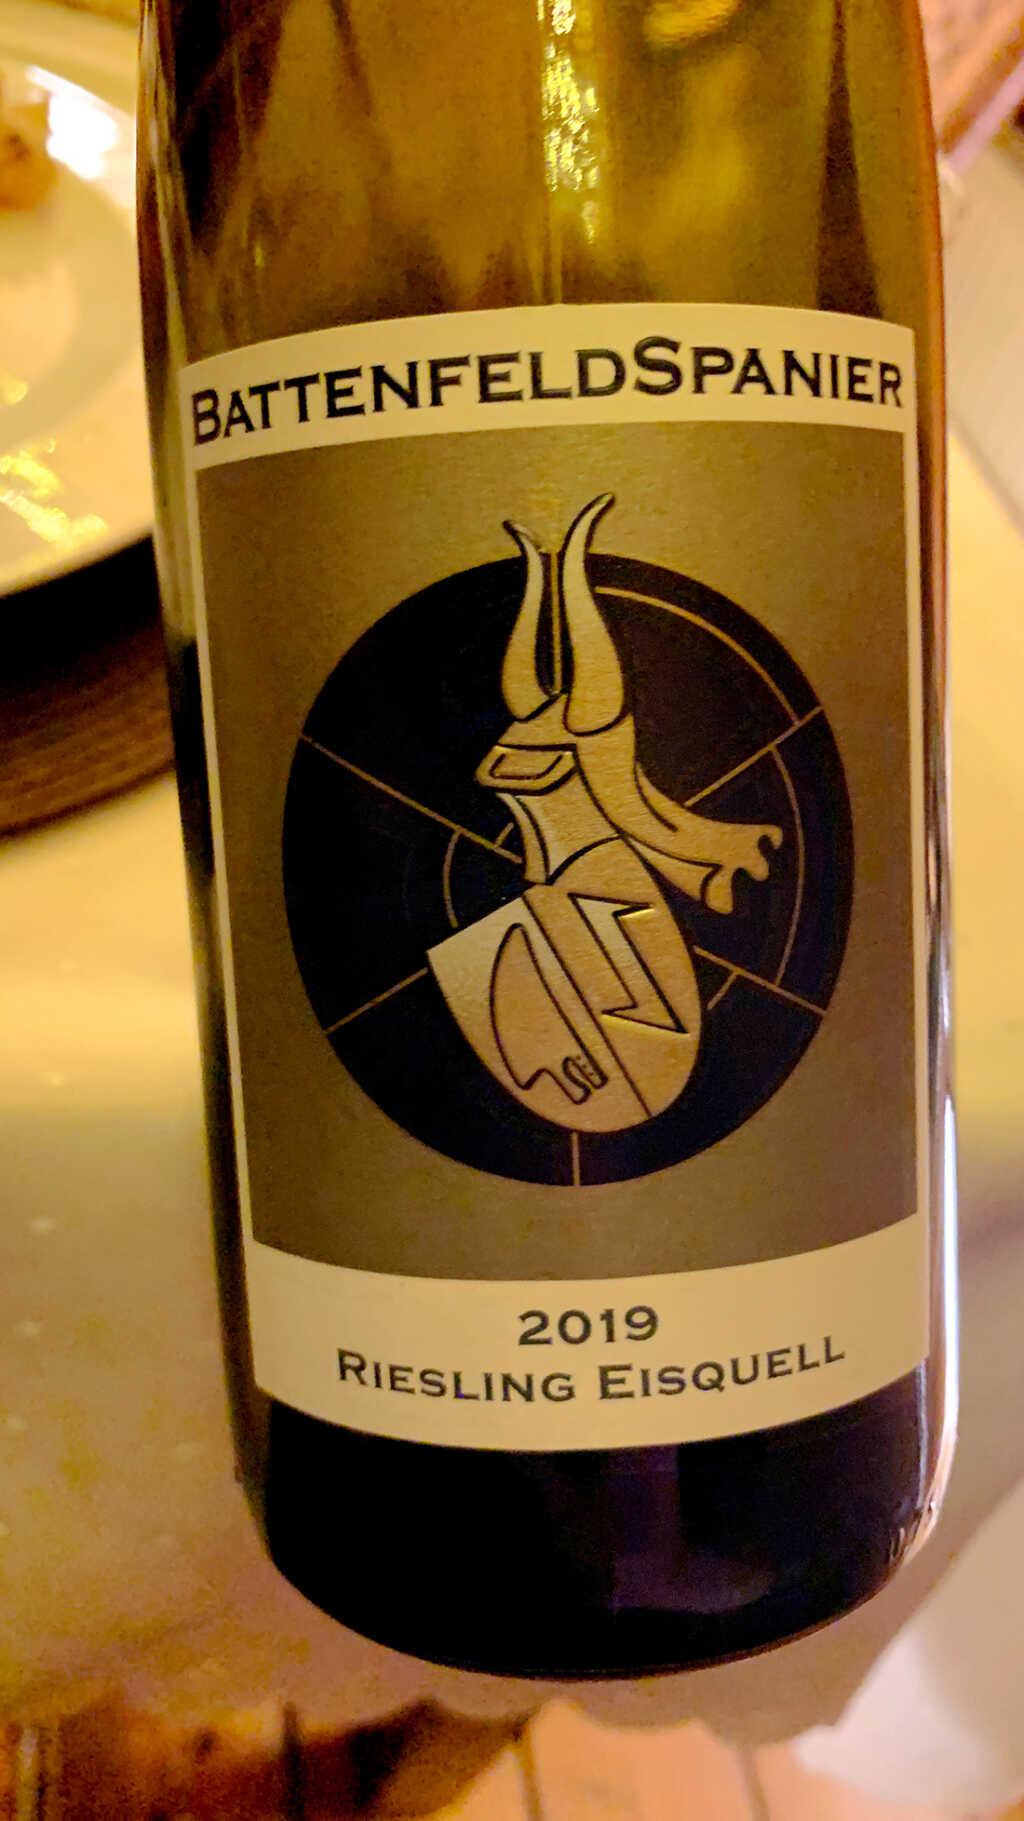 2019 Eisquell Riesling von BattenfeldSpanier